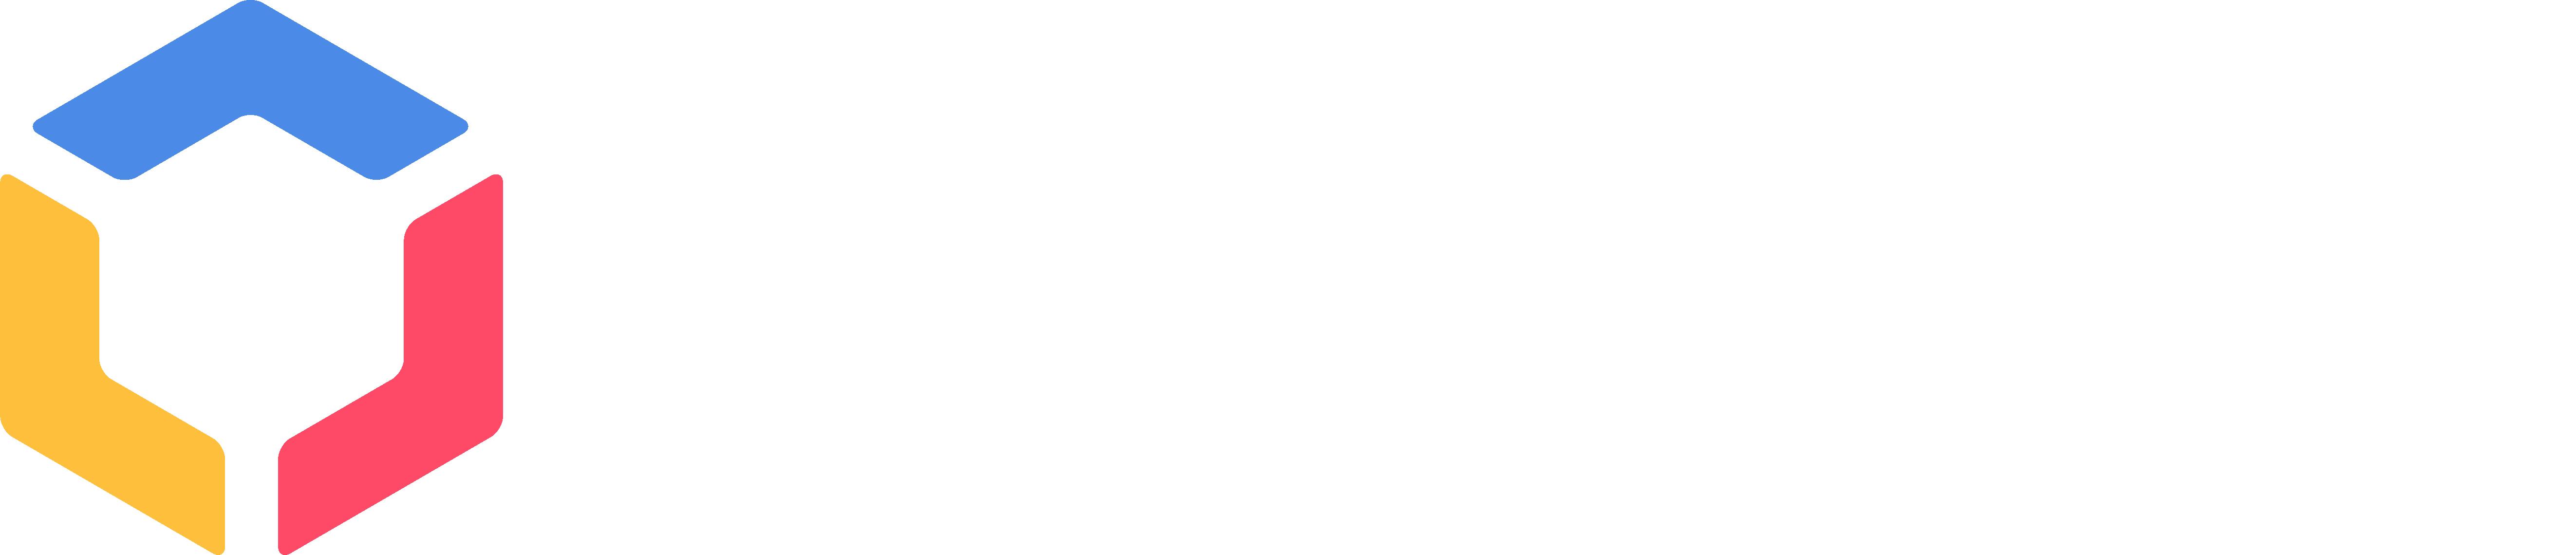 ContentSquare-Logo-White